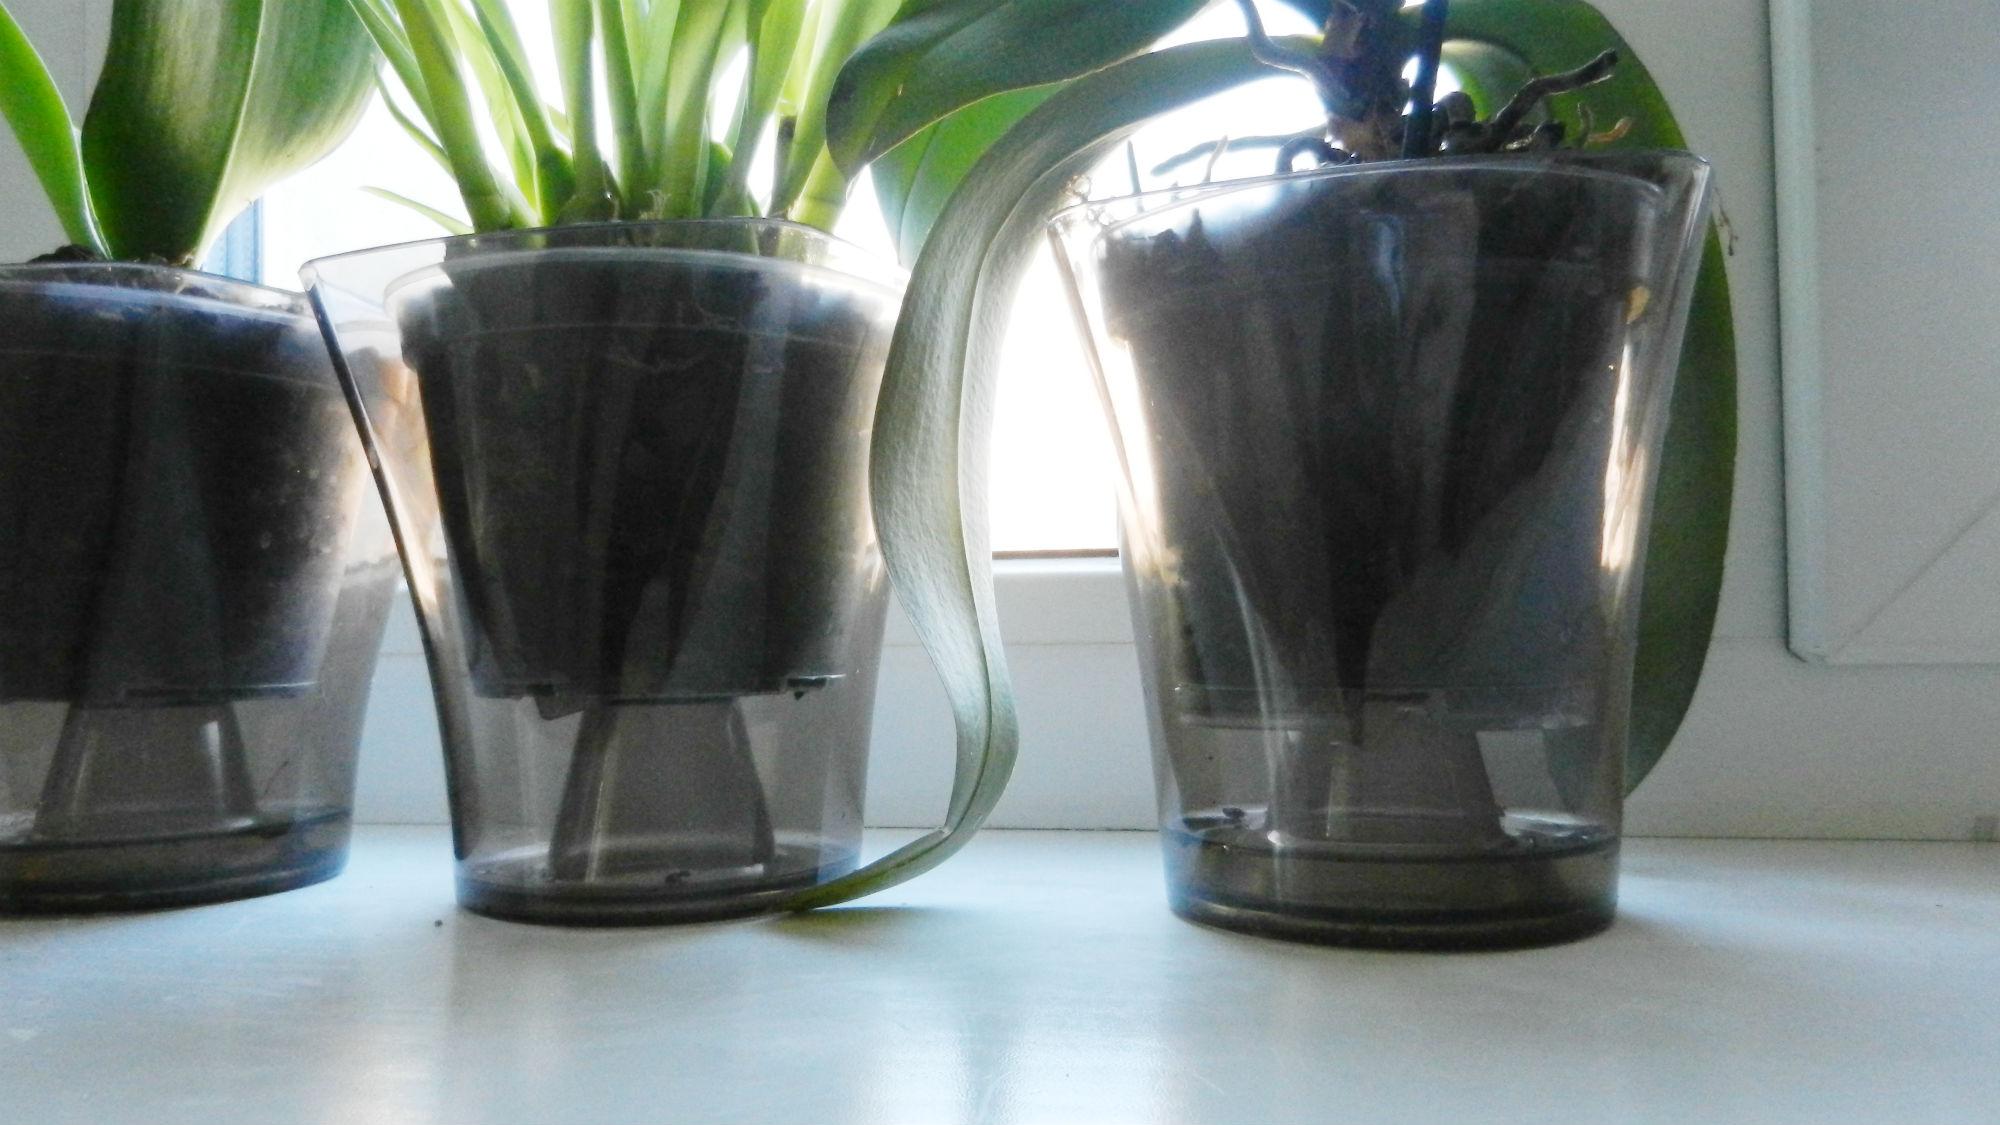 Как поливать орхидею в домашних условиях? Особенности полива 72